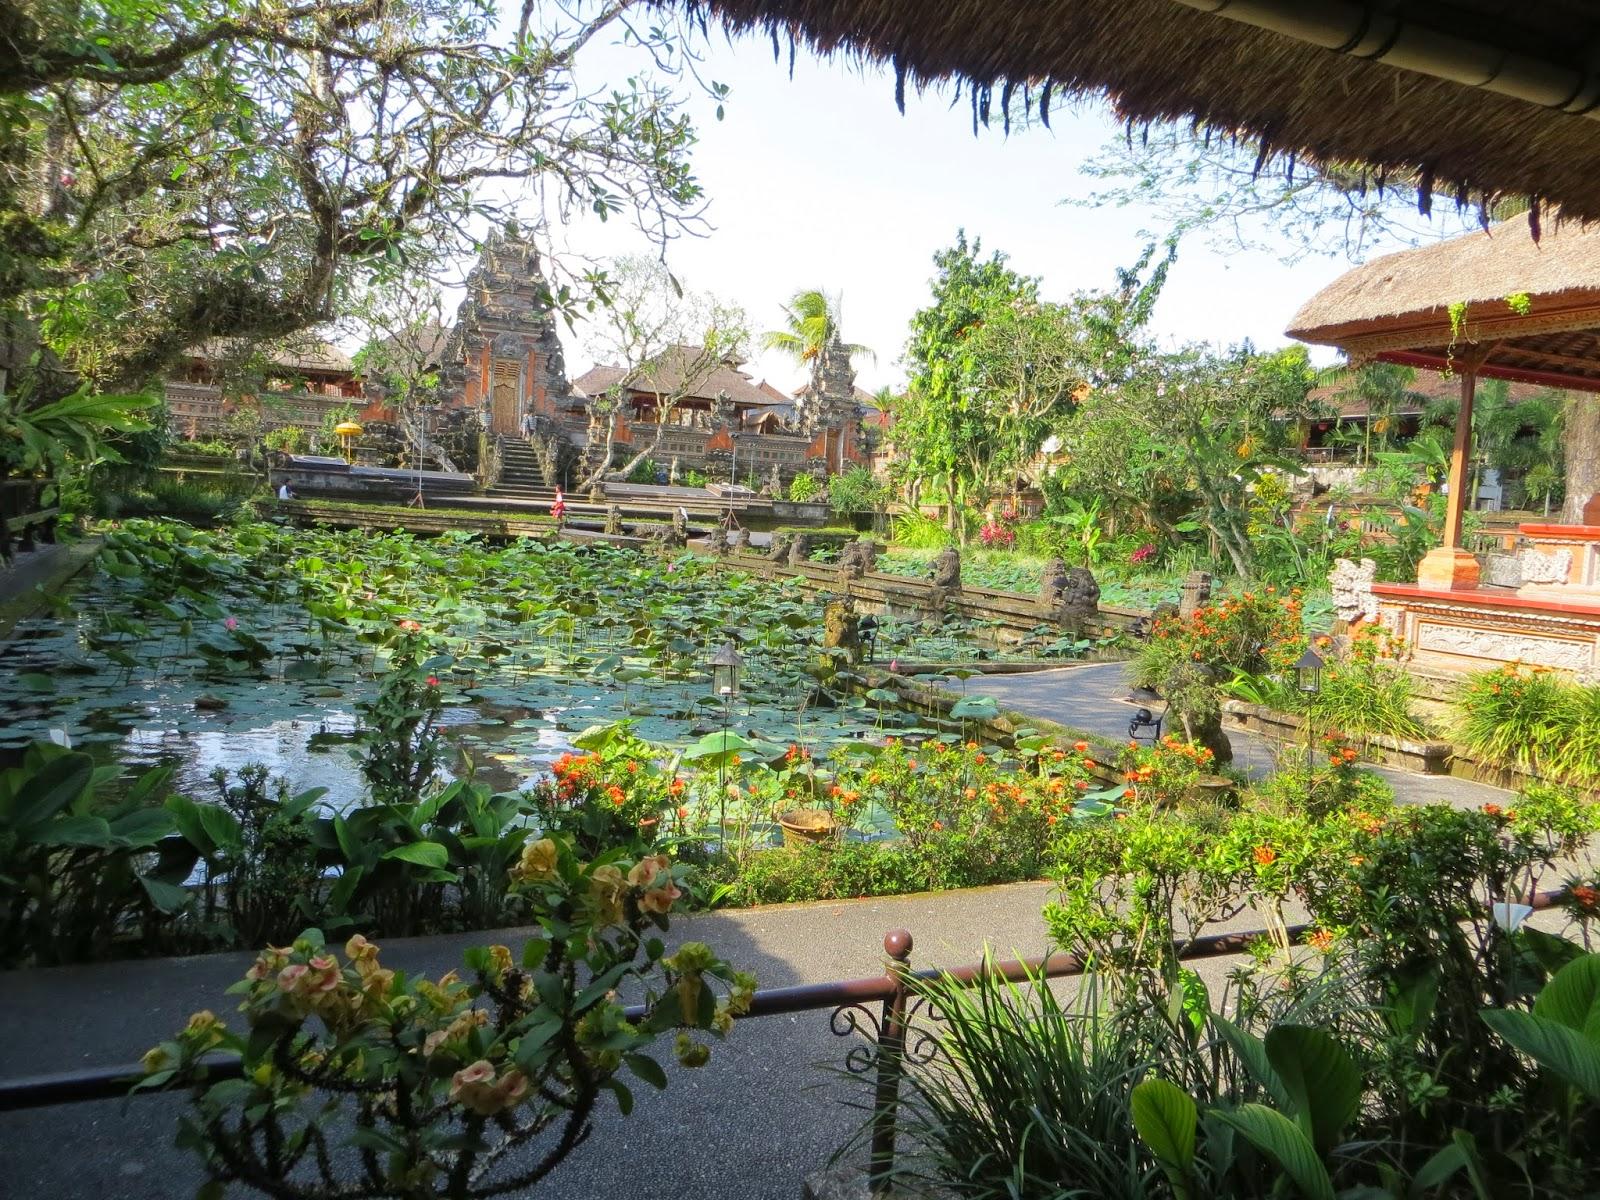 Bali 2013 - CiPiaceViaggiare